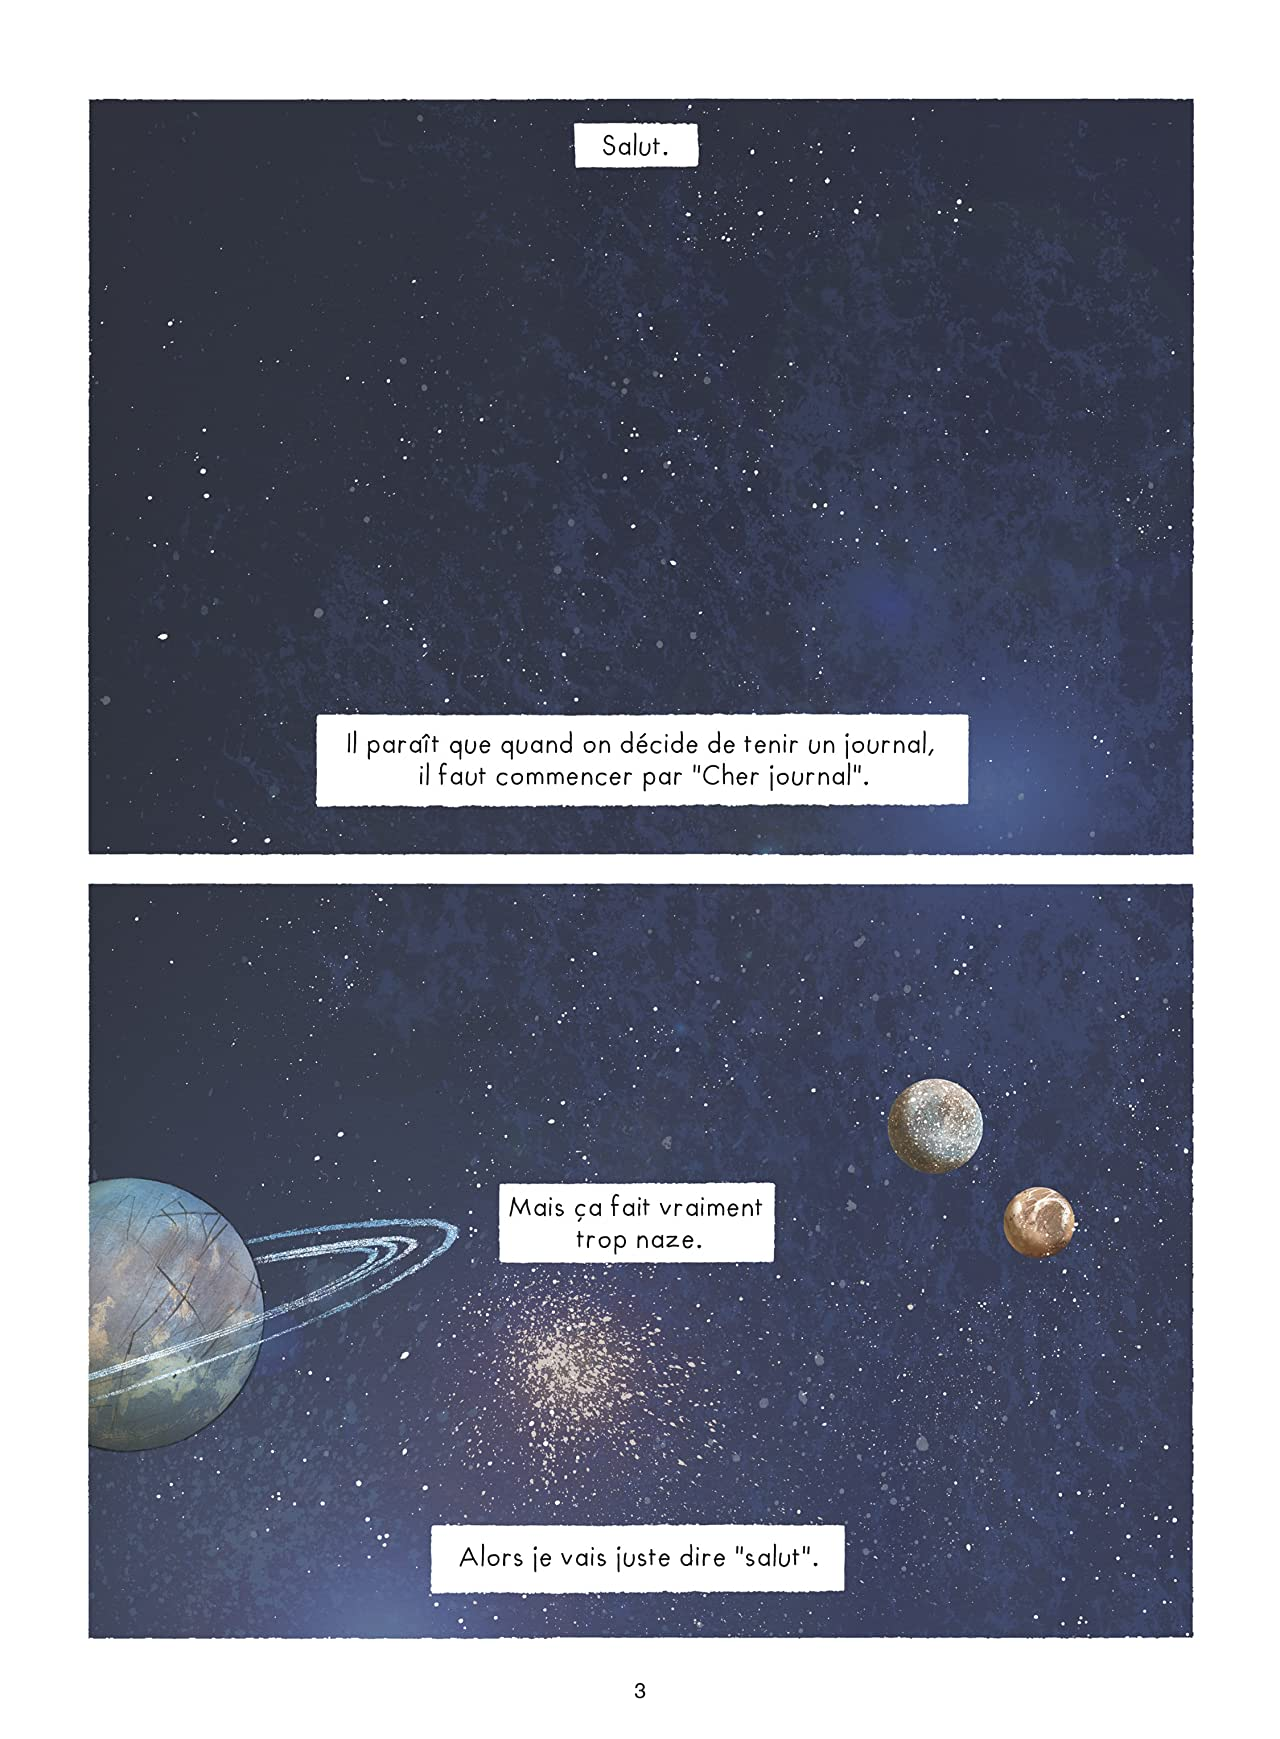 La Carte du Ciel